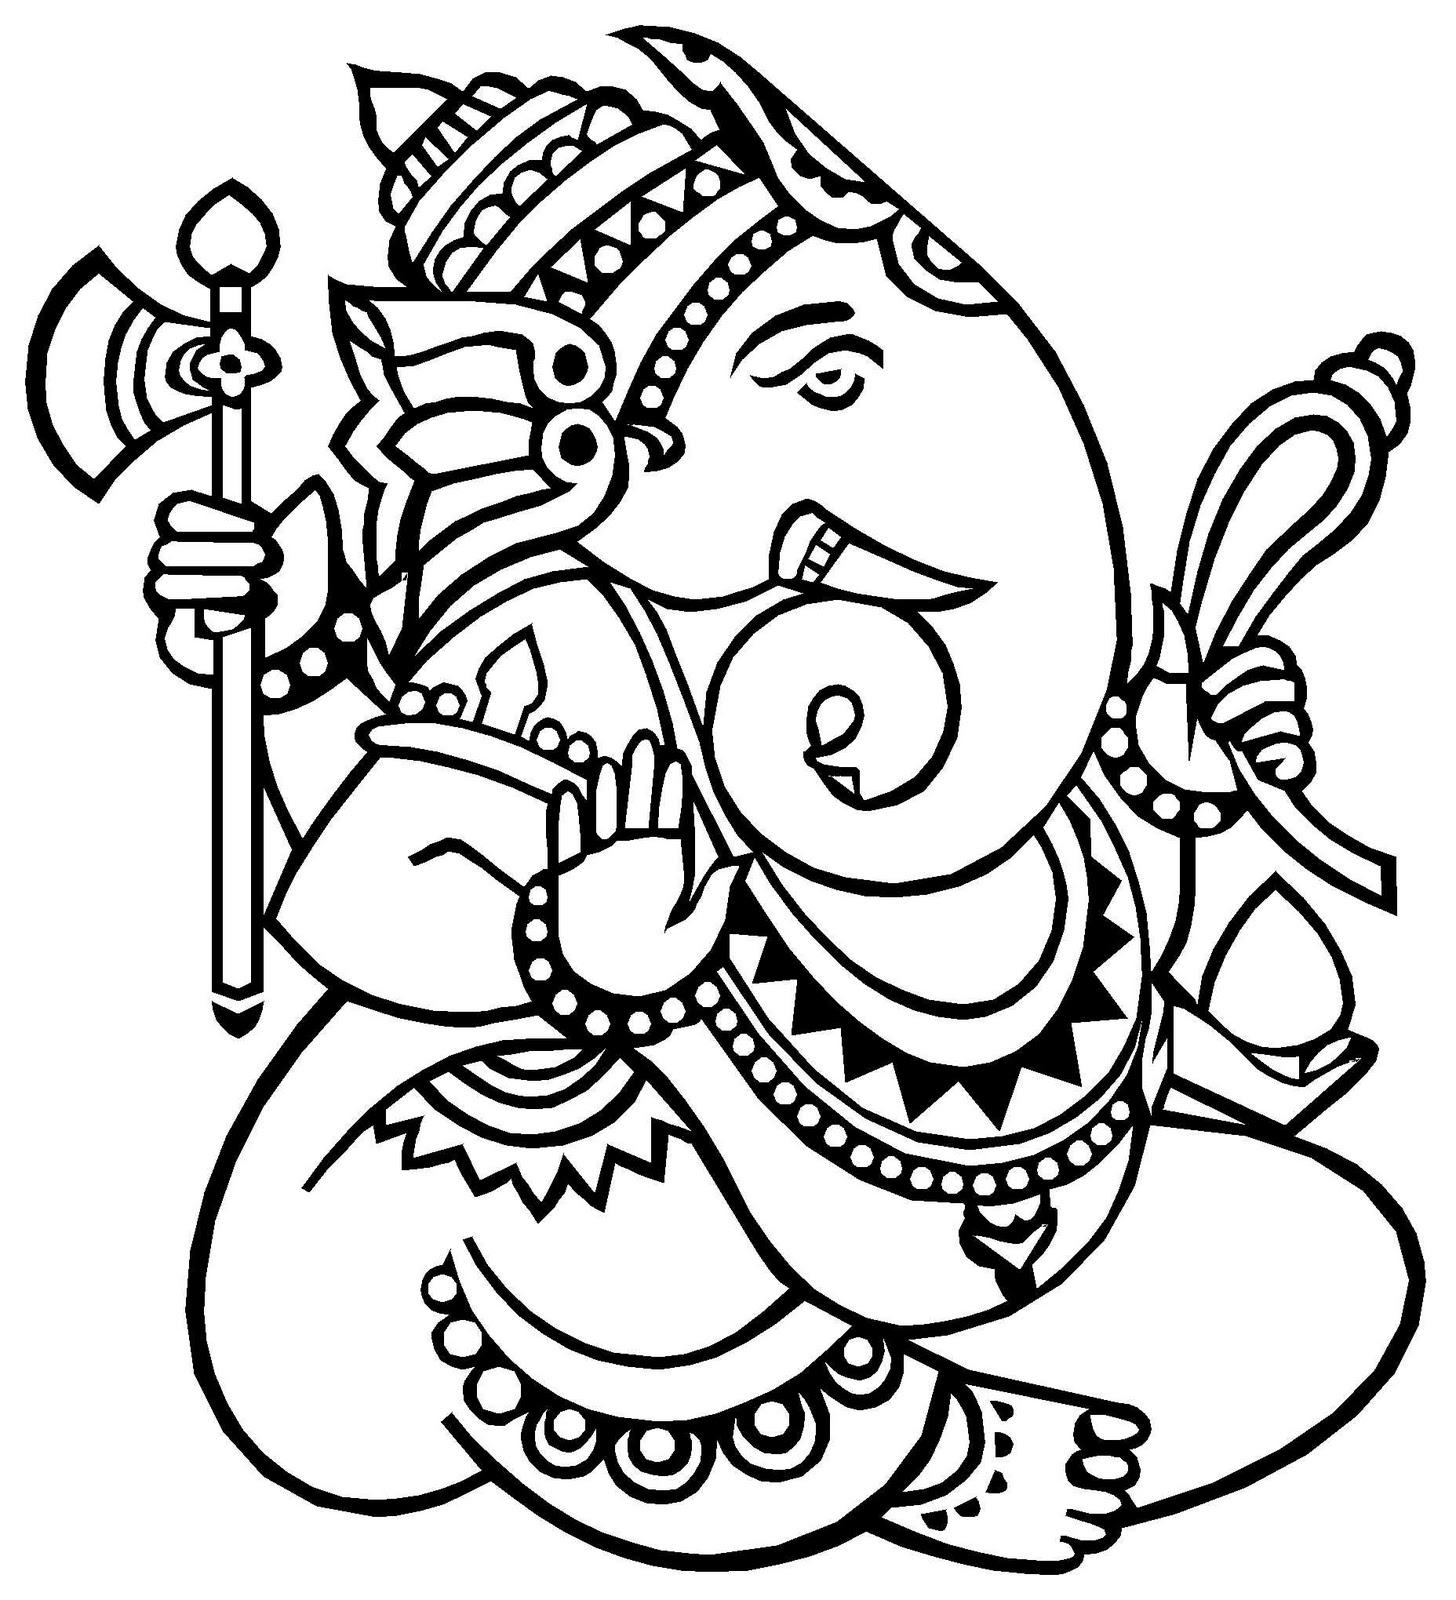 Ganeshkumar January